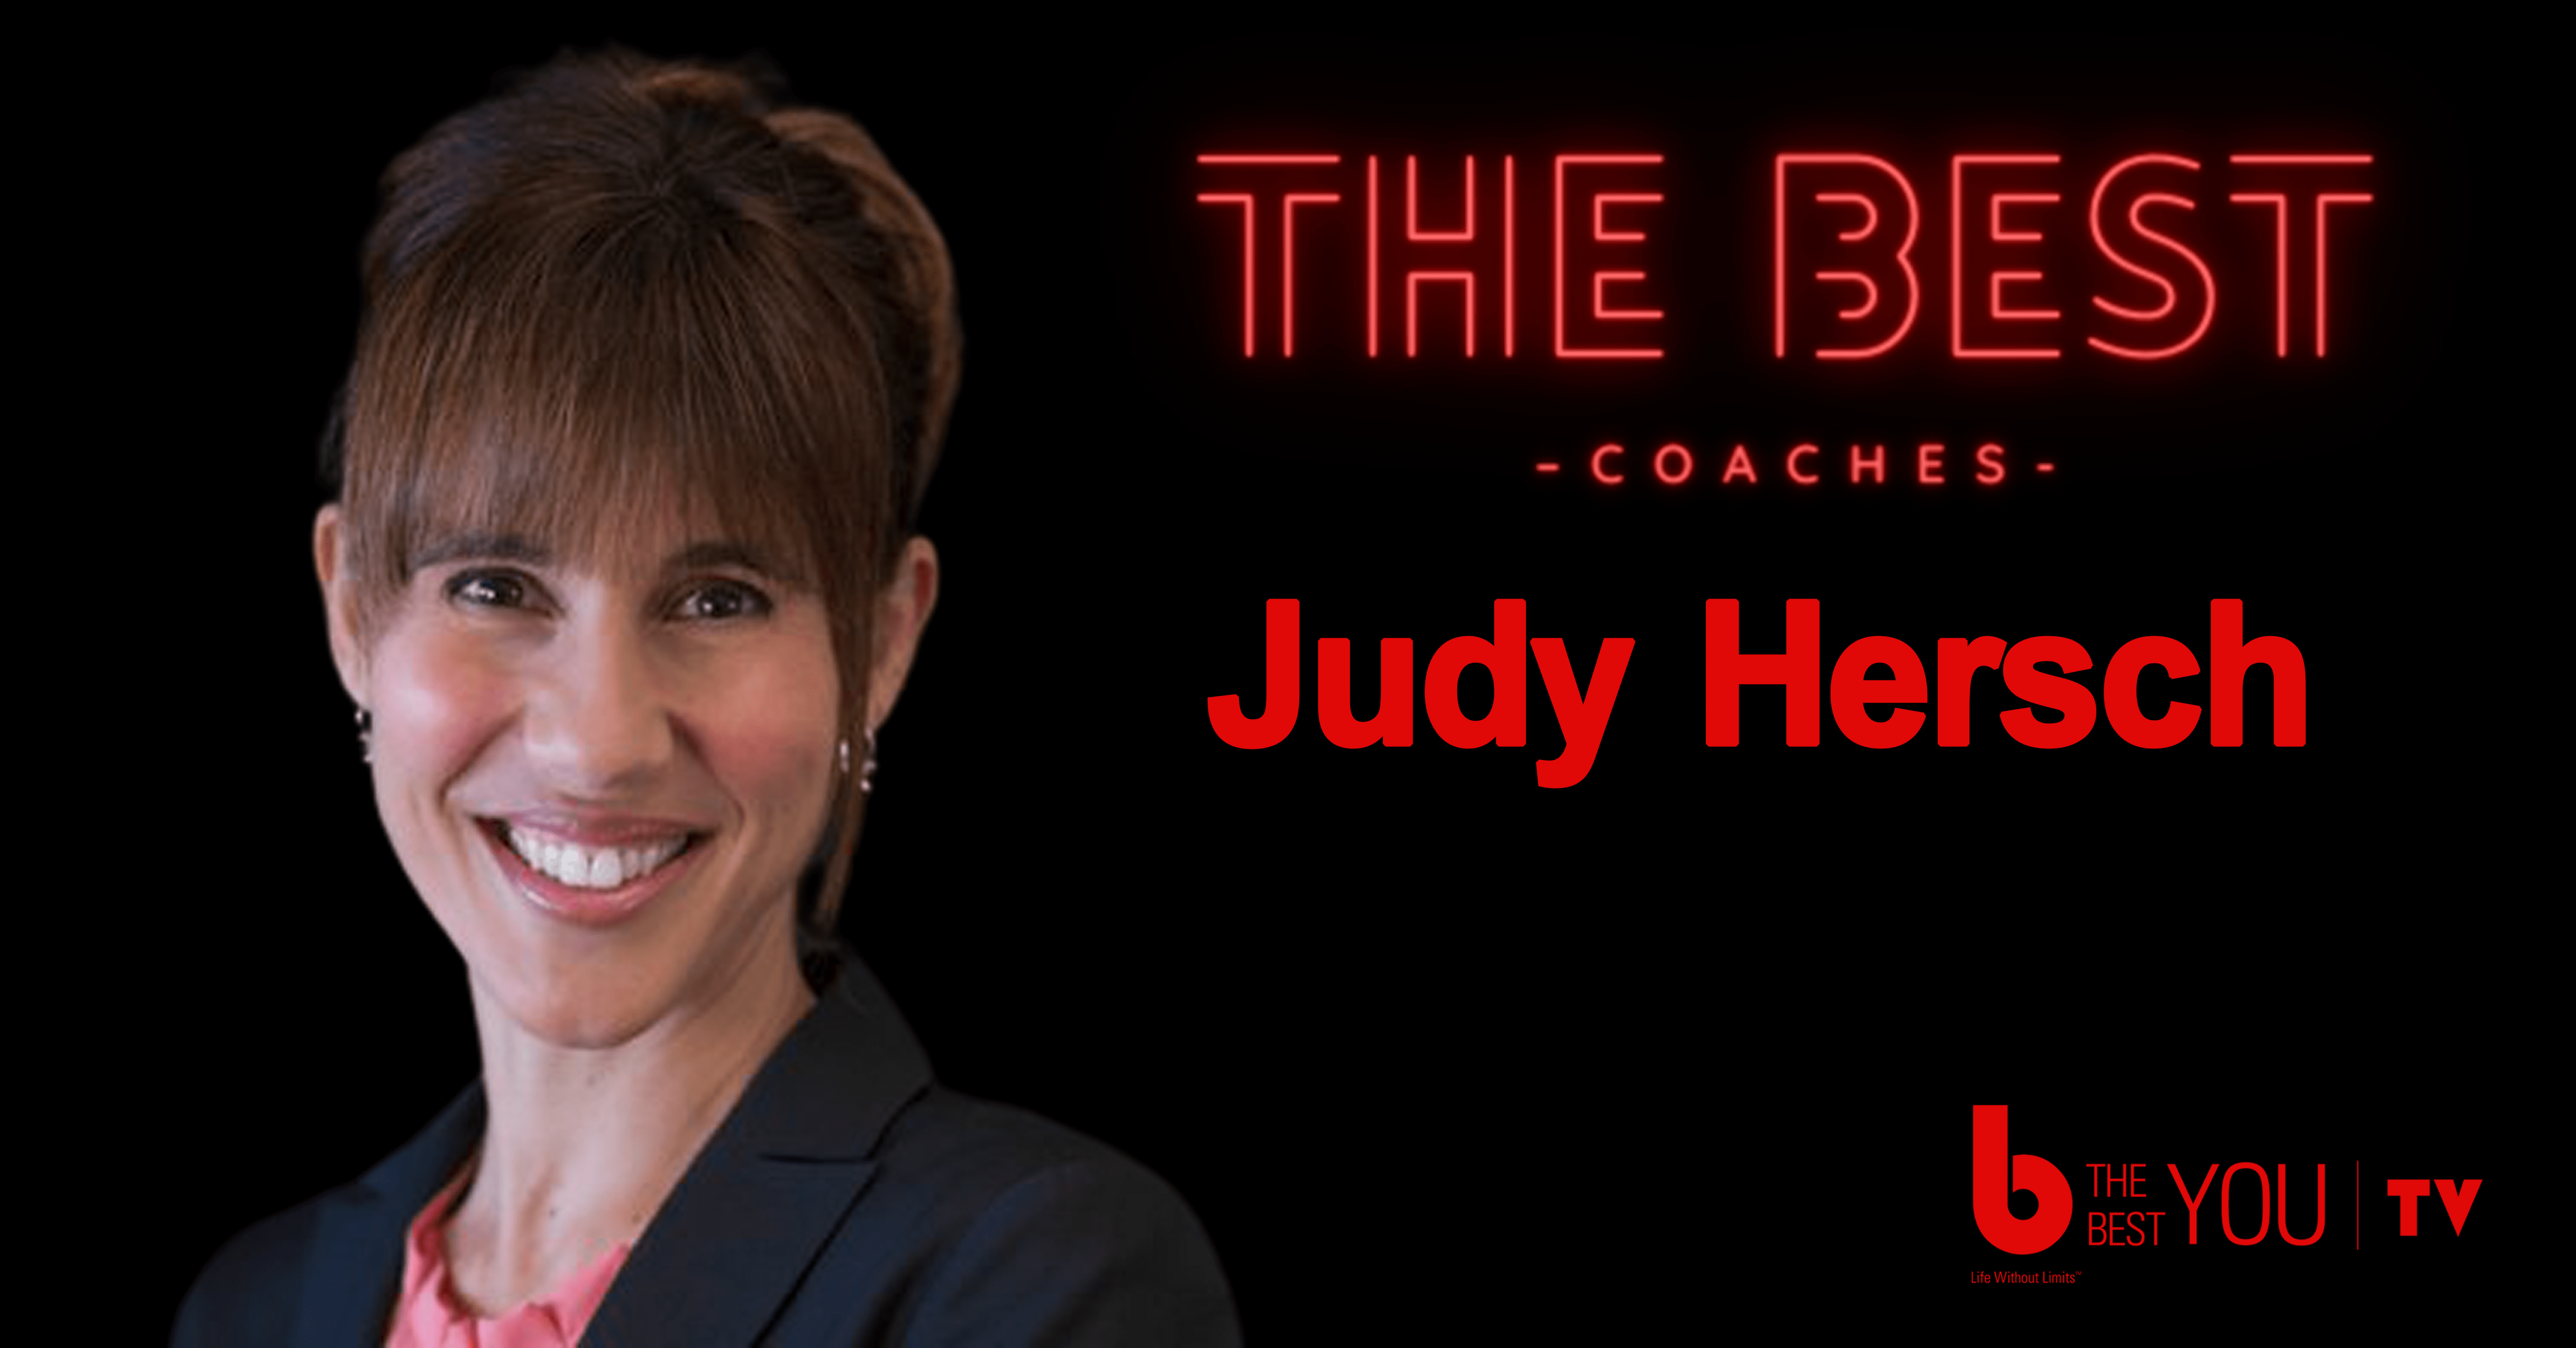 Judy Hersch